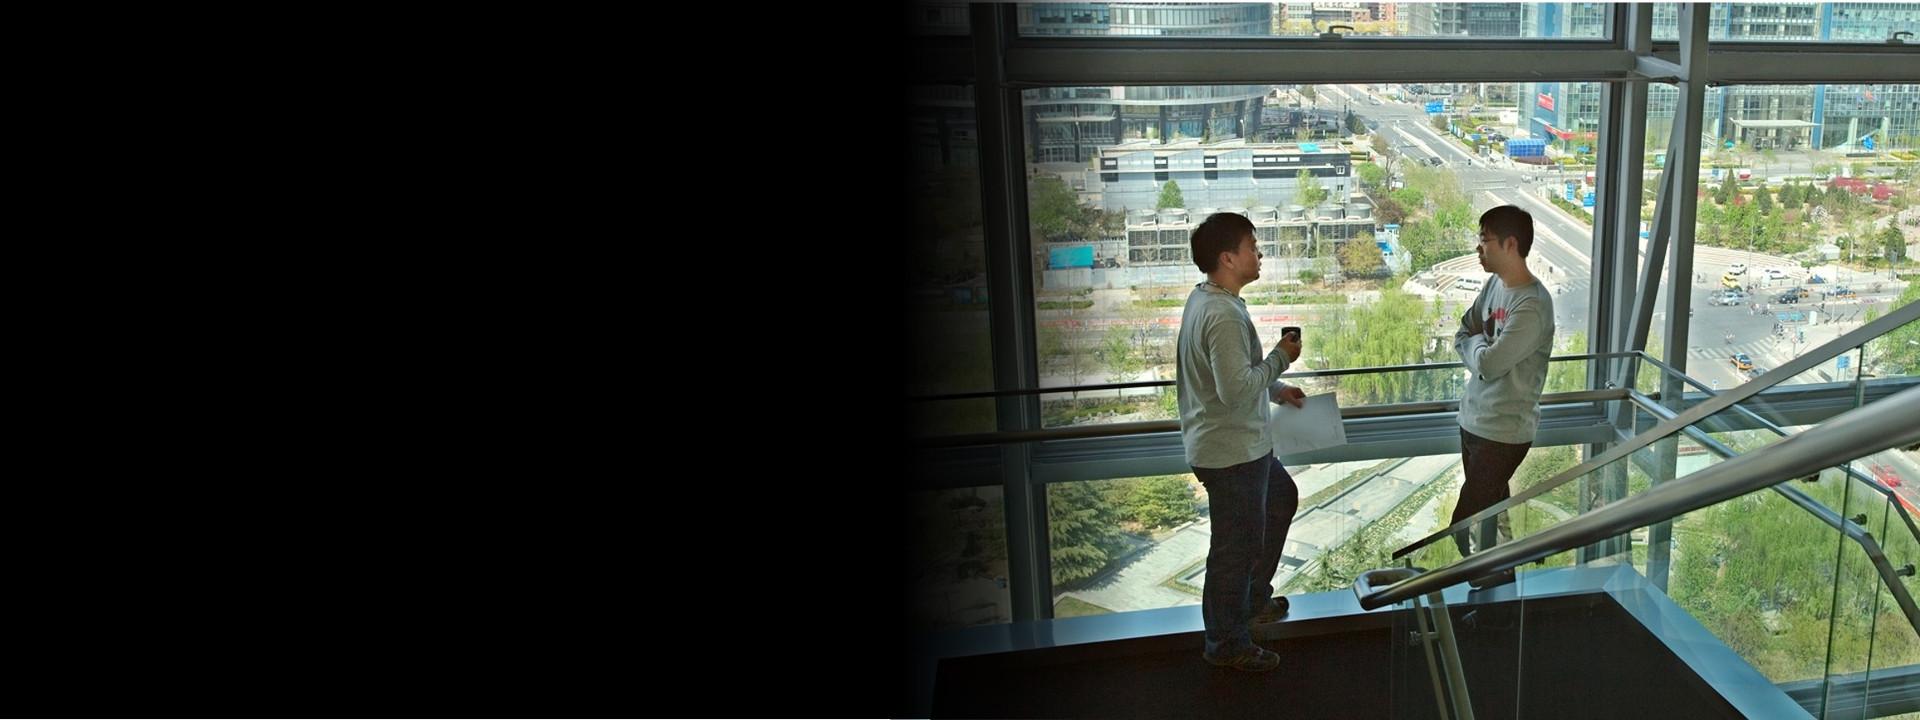 科学匠人   看微软亚洲研究院如何识人、用人、育人